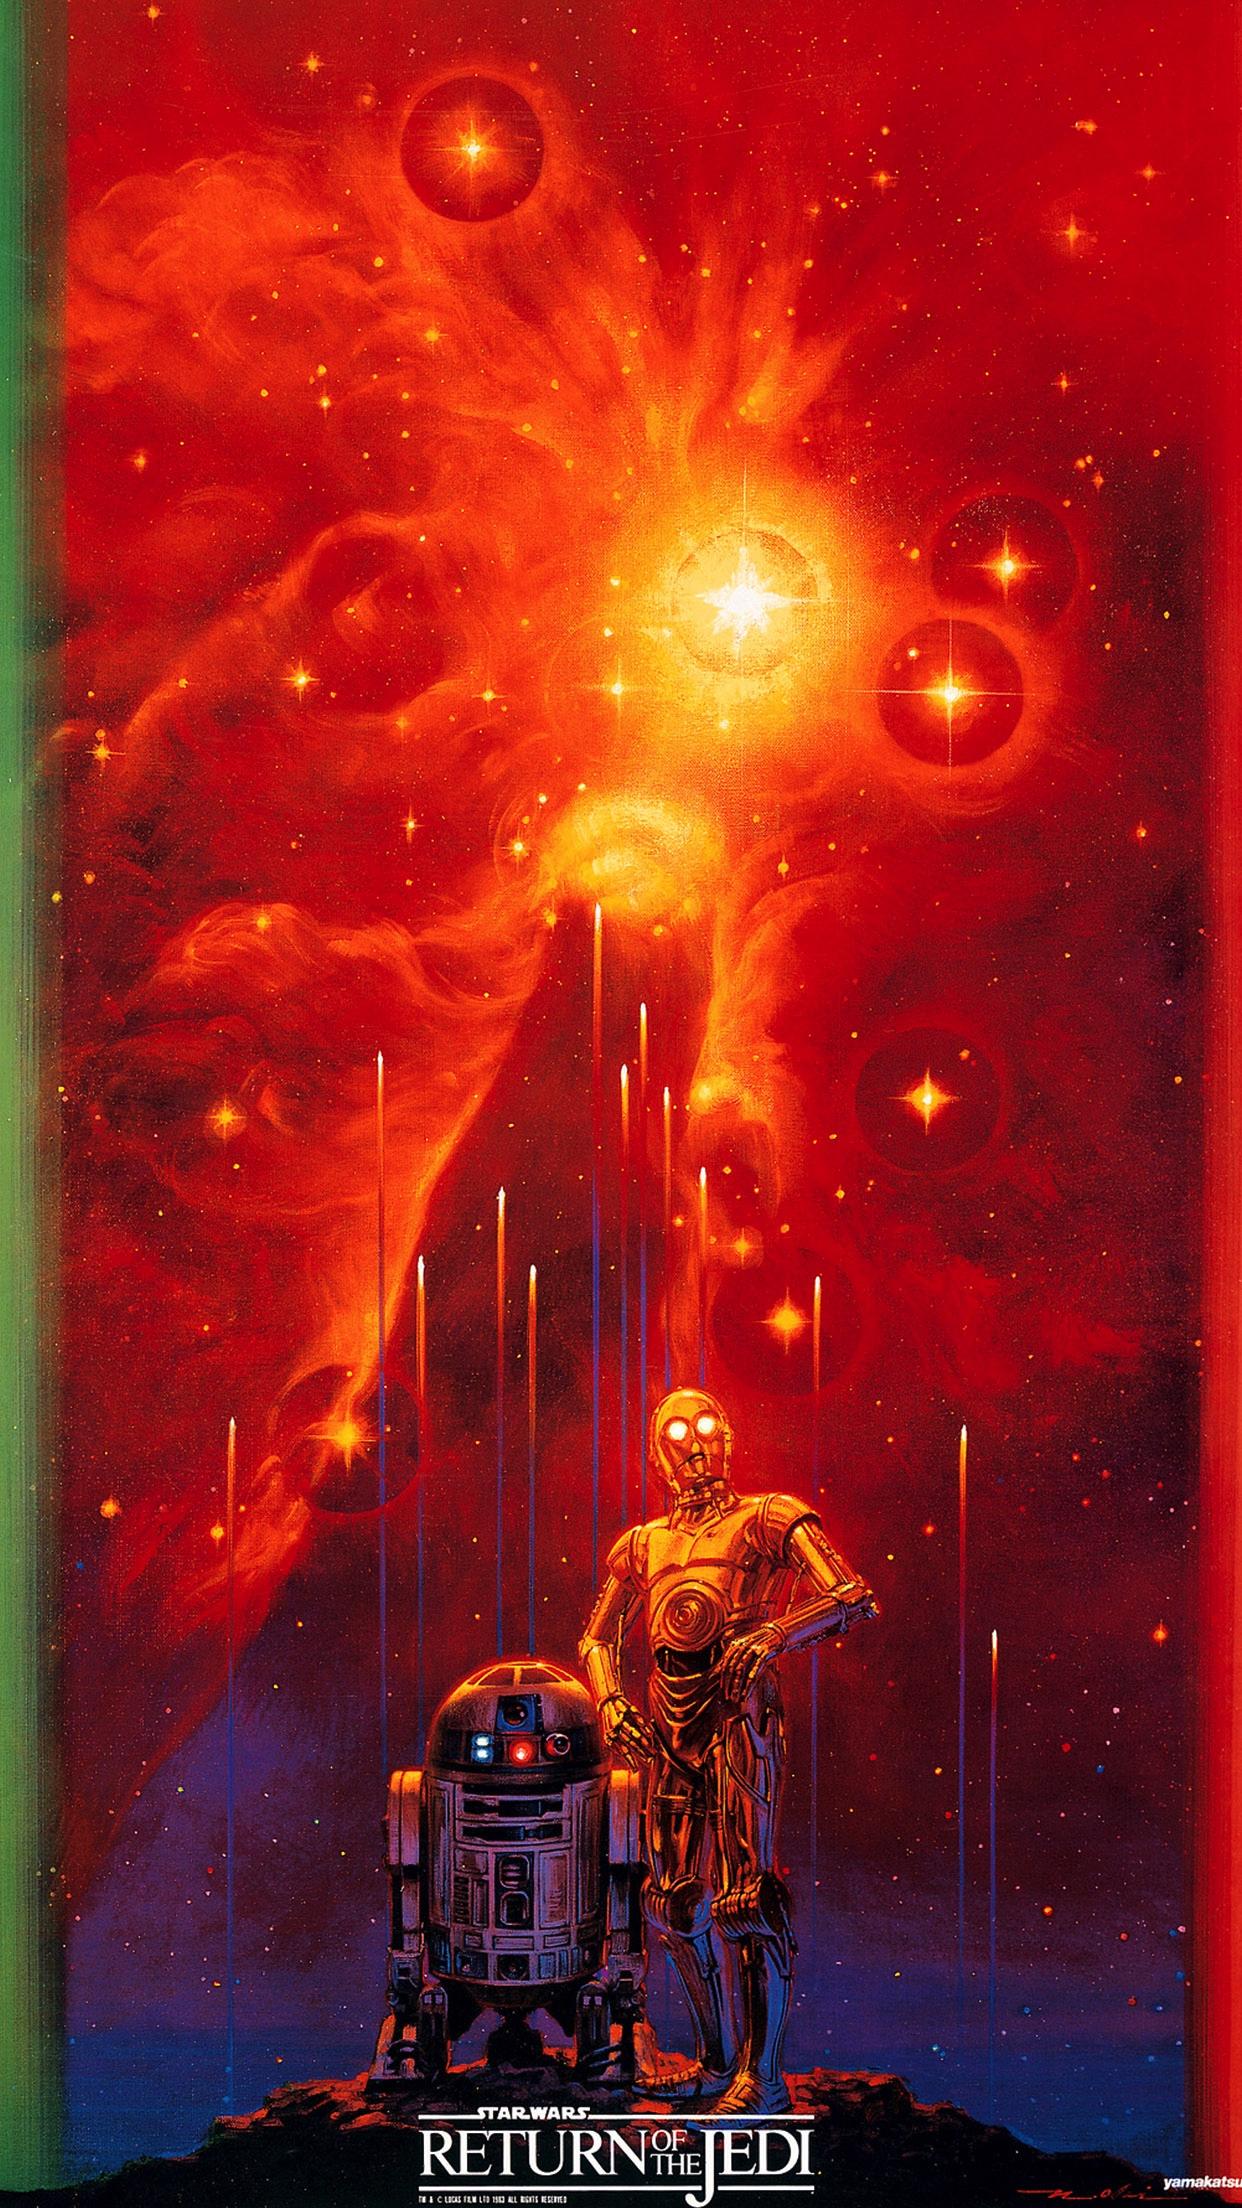 1242 2208 厳選 Iphone 壁紙 09 スター ウォーズ Star Wars 23